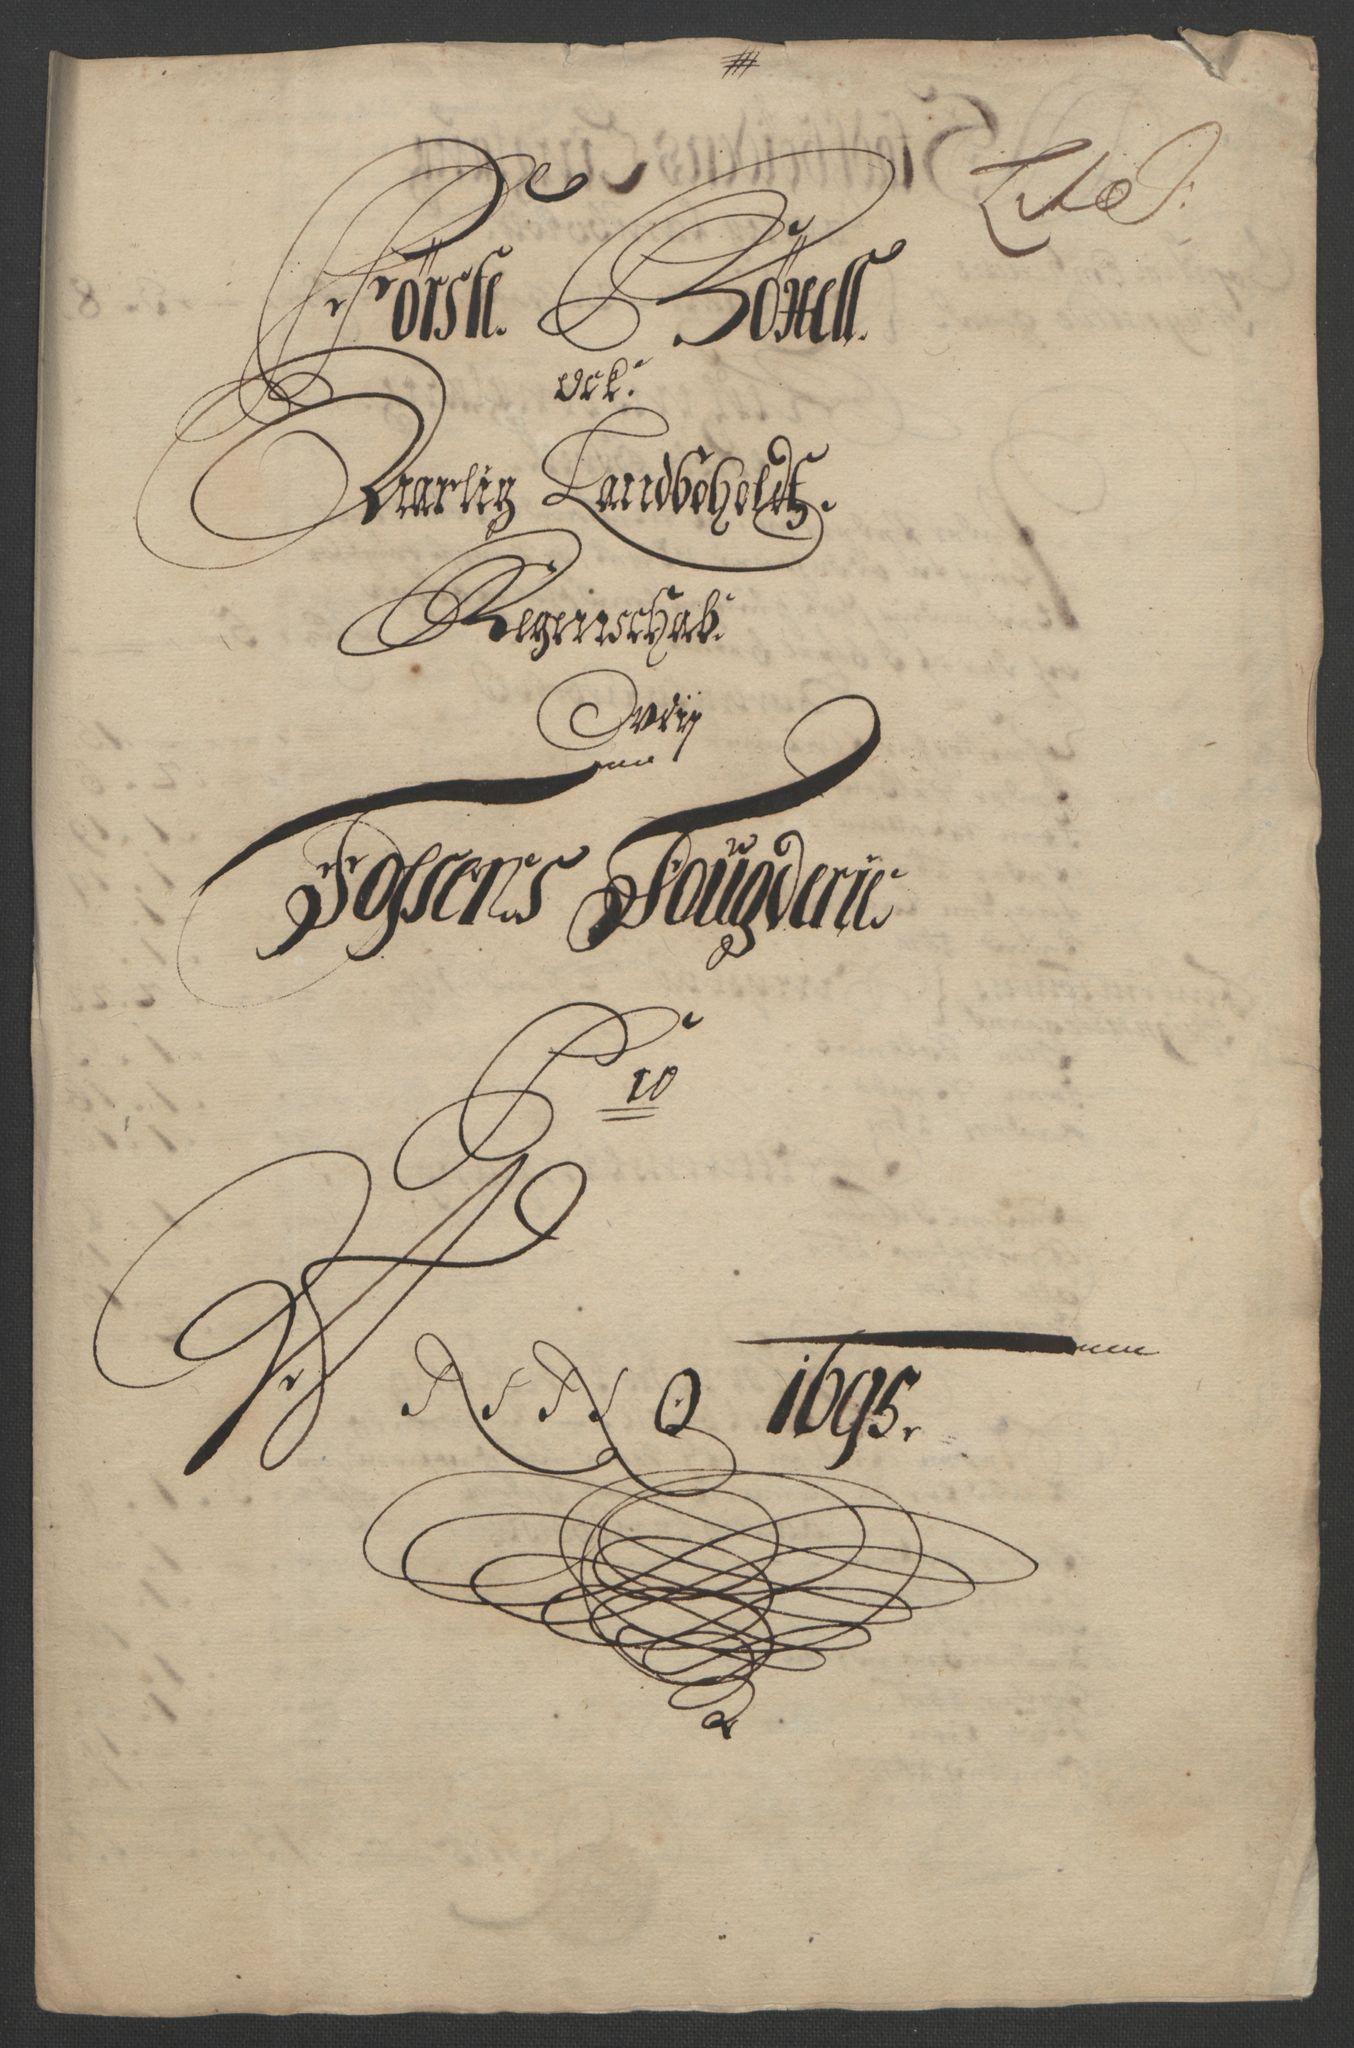 RA, Rentekammeret inntil 1814, Reviderte regnskaper, Fogderegnskap, R57/L3851: Fogderegnskap Fosen, 1695-1696, s. 142